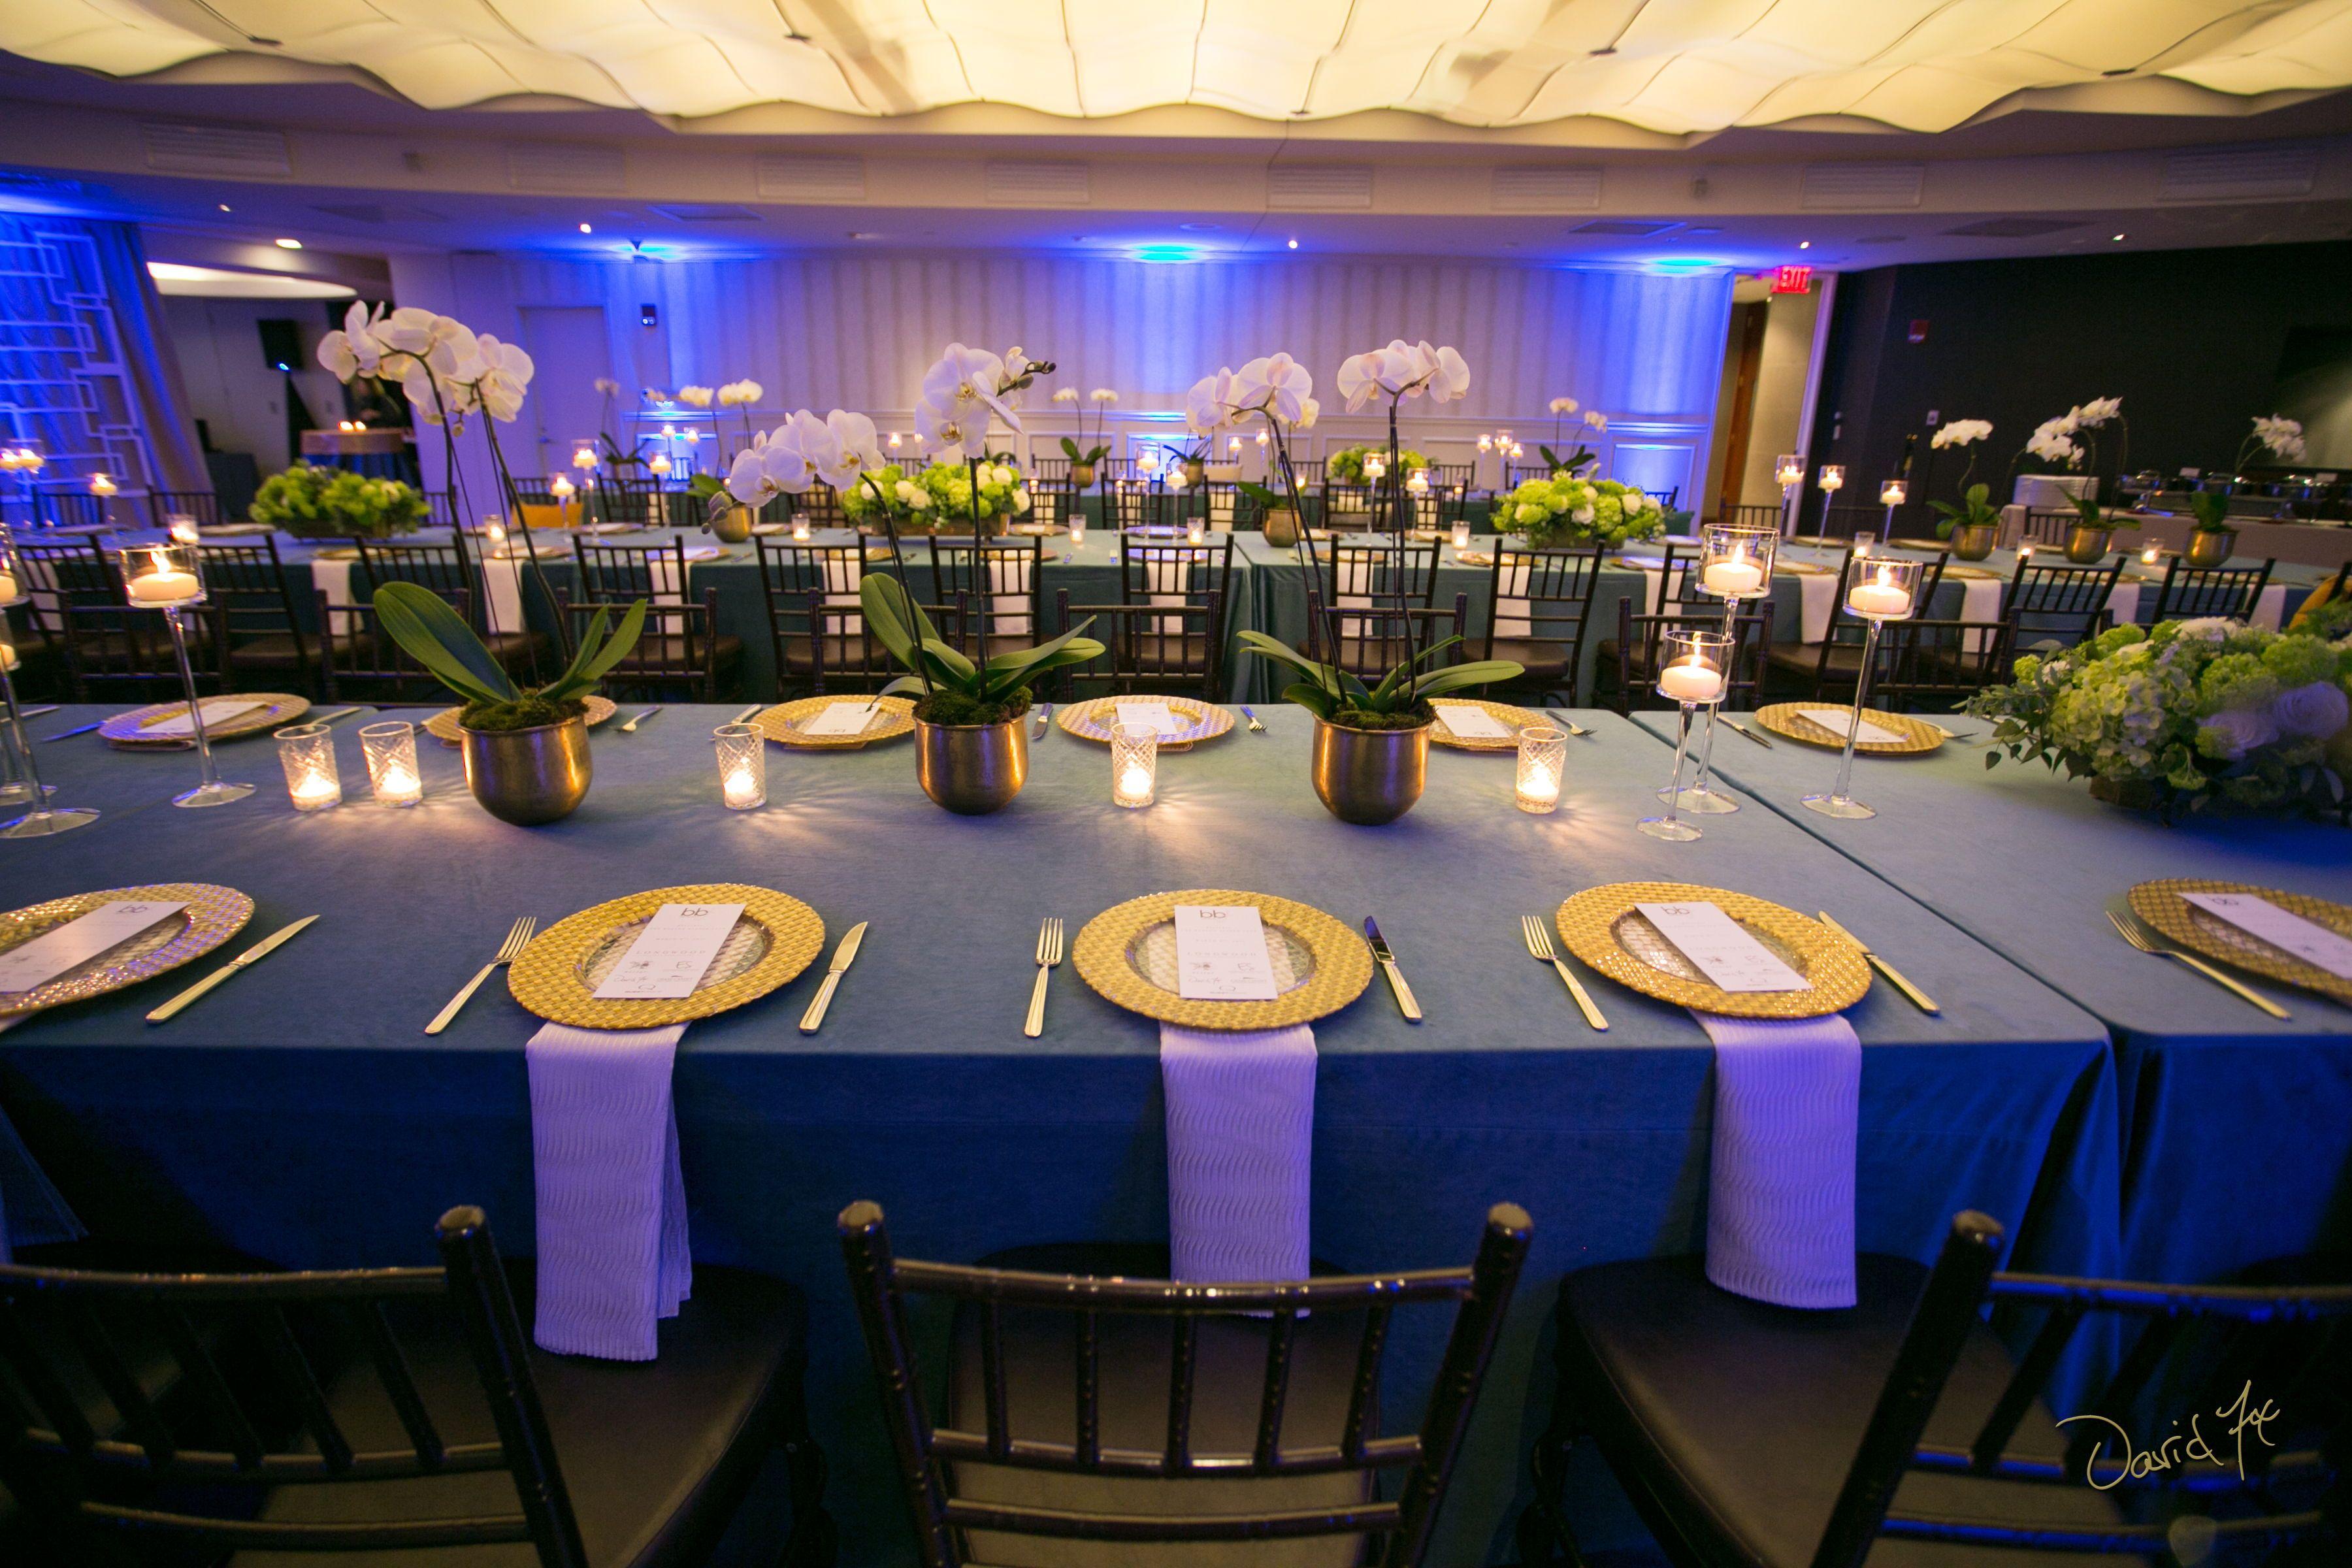 Real Boston Wedding At The State Room Boston Ma Longwood Venues State Room Wedding Bosto Boston Wedding Venues Massachusetts Wedding Venues Wedding Boston